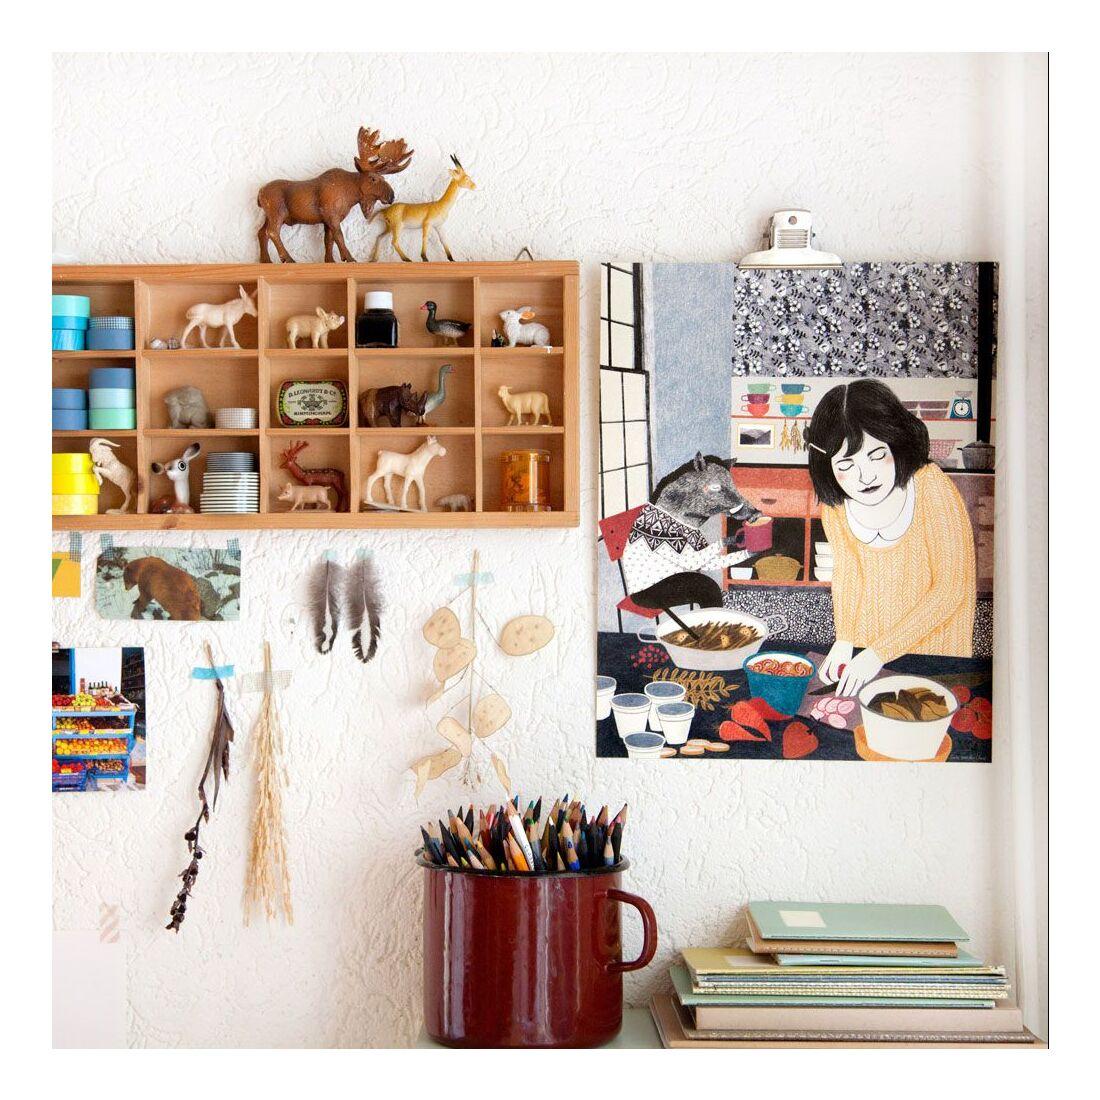 liekeland artwork poster postkarten. Black Bedroom Furniture Sets. Home Design Ideas